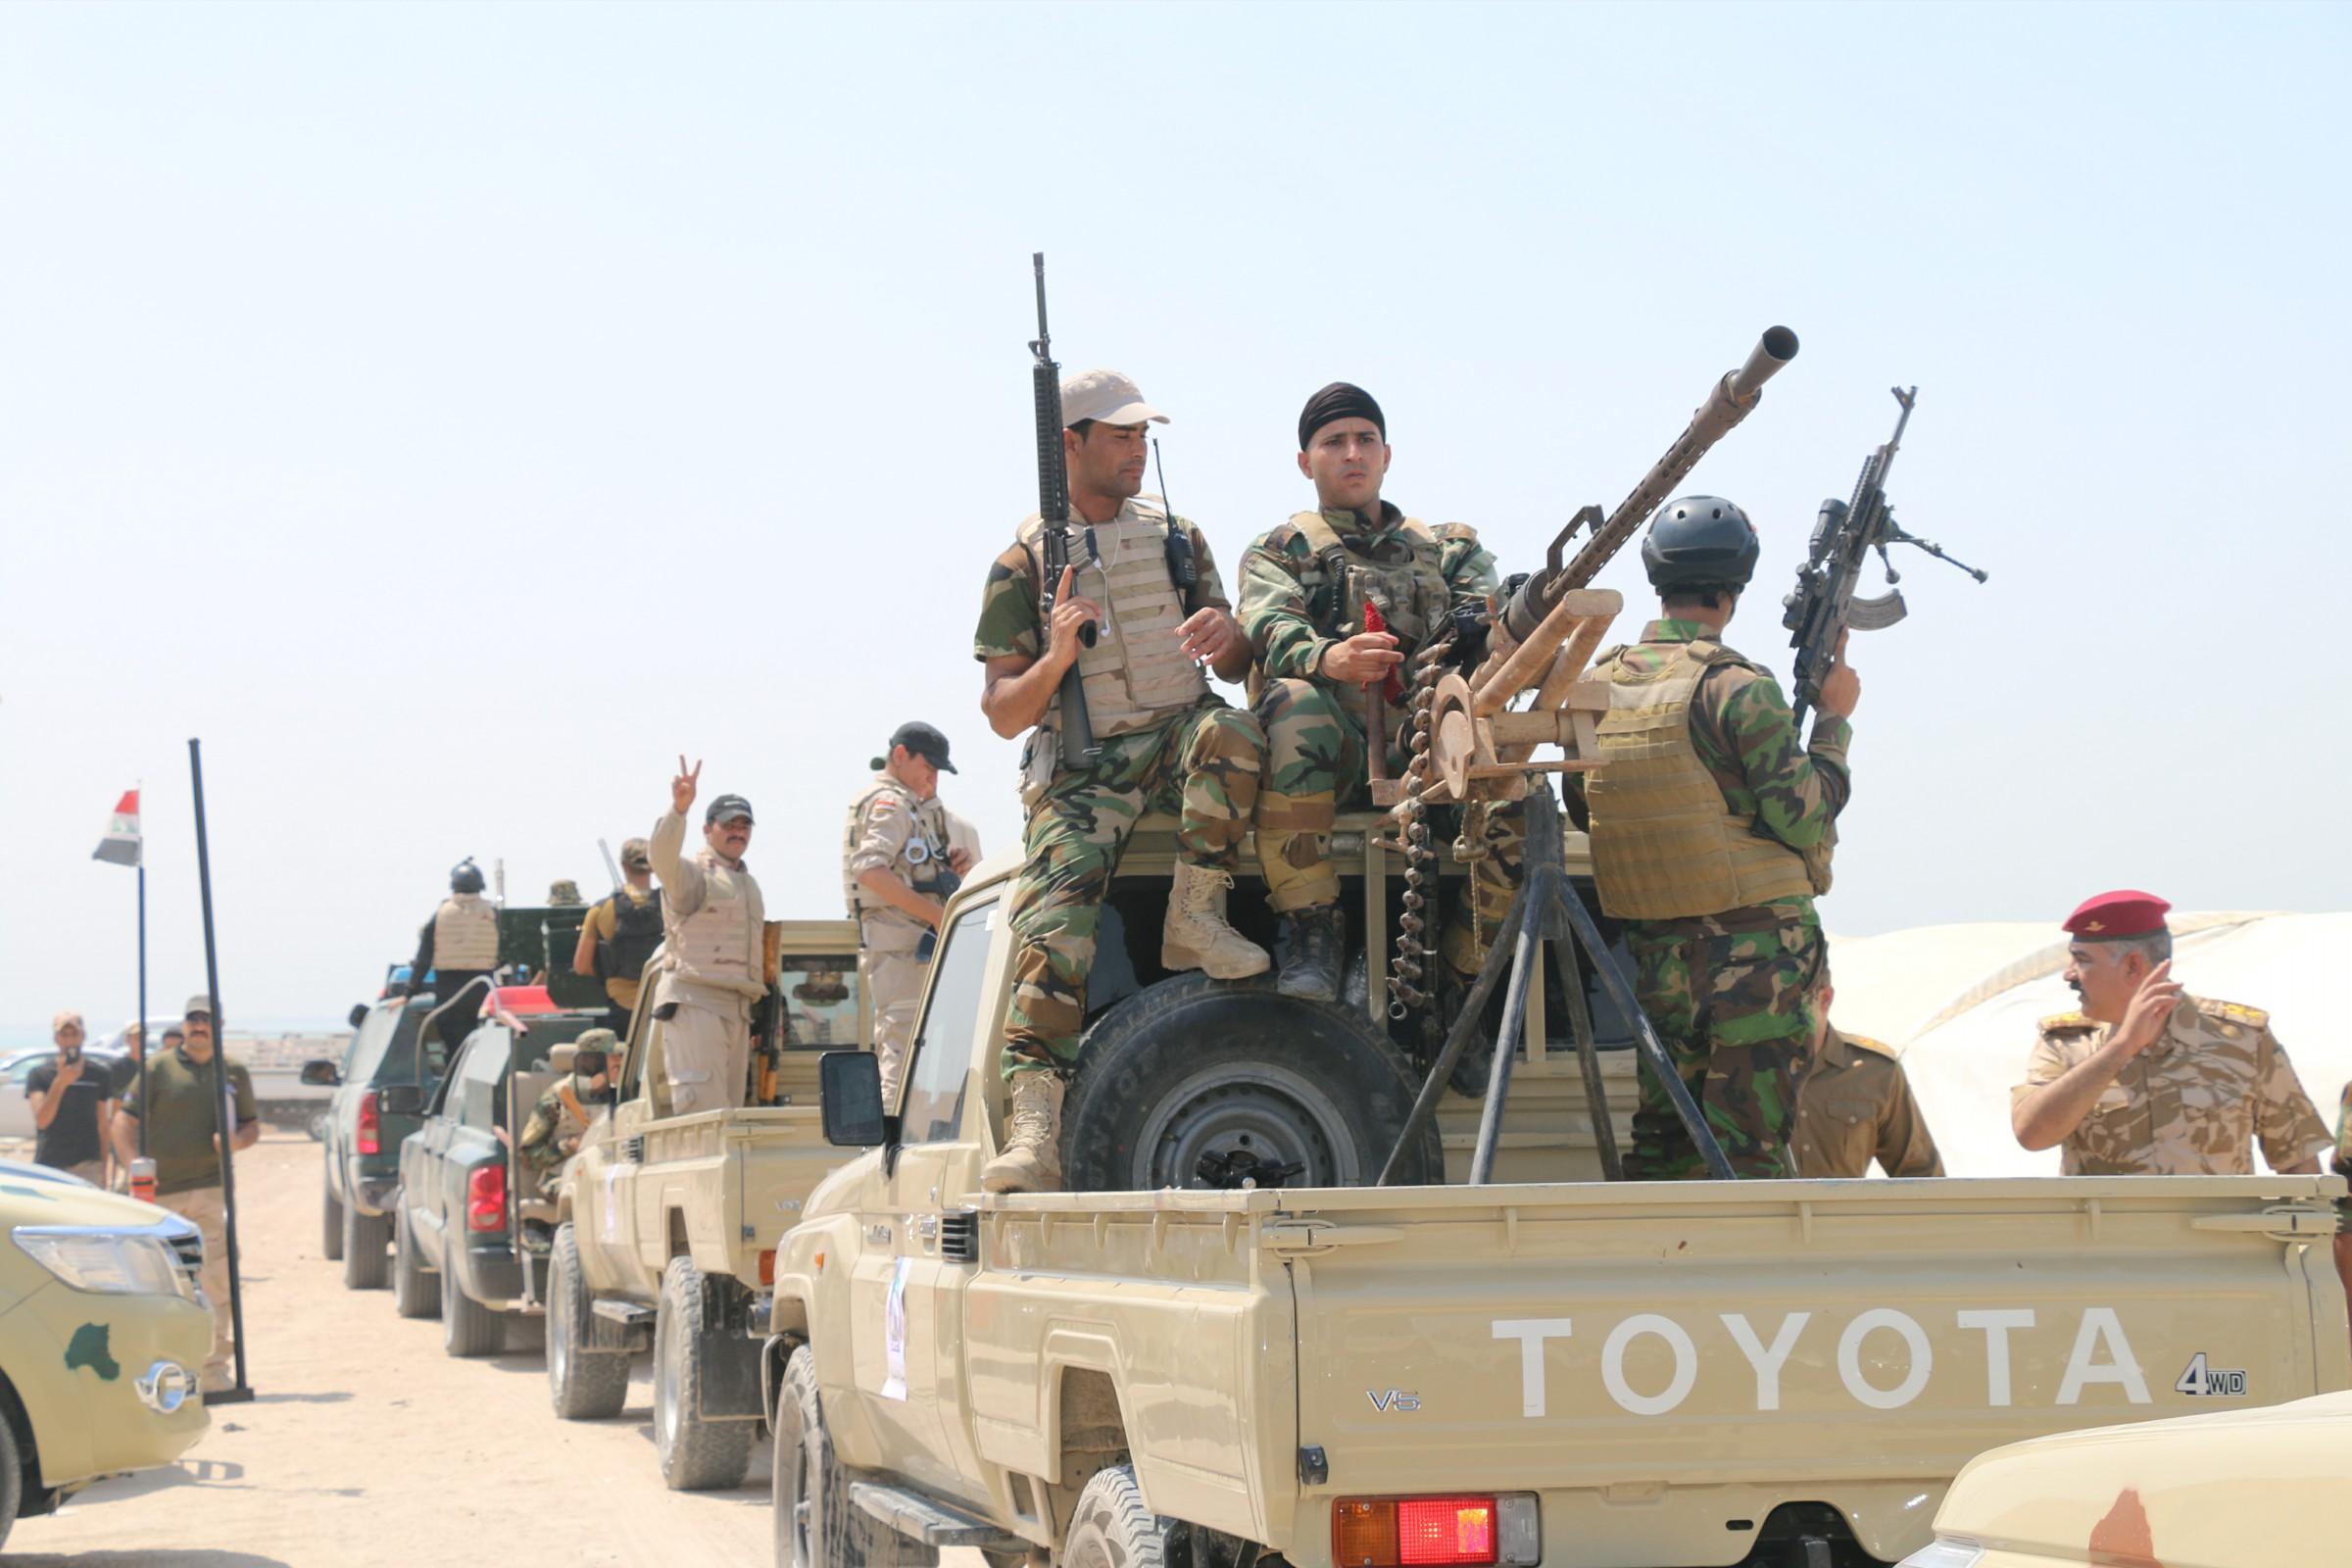 المباشرة بتدريب فوجين من حشد الأنبار للمشاركة بتحرير المناطق الغربية